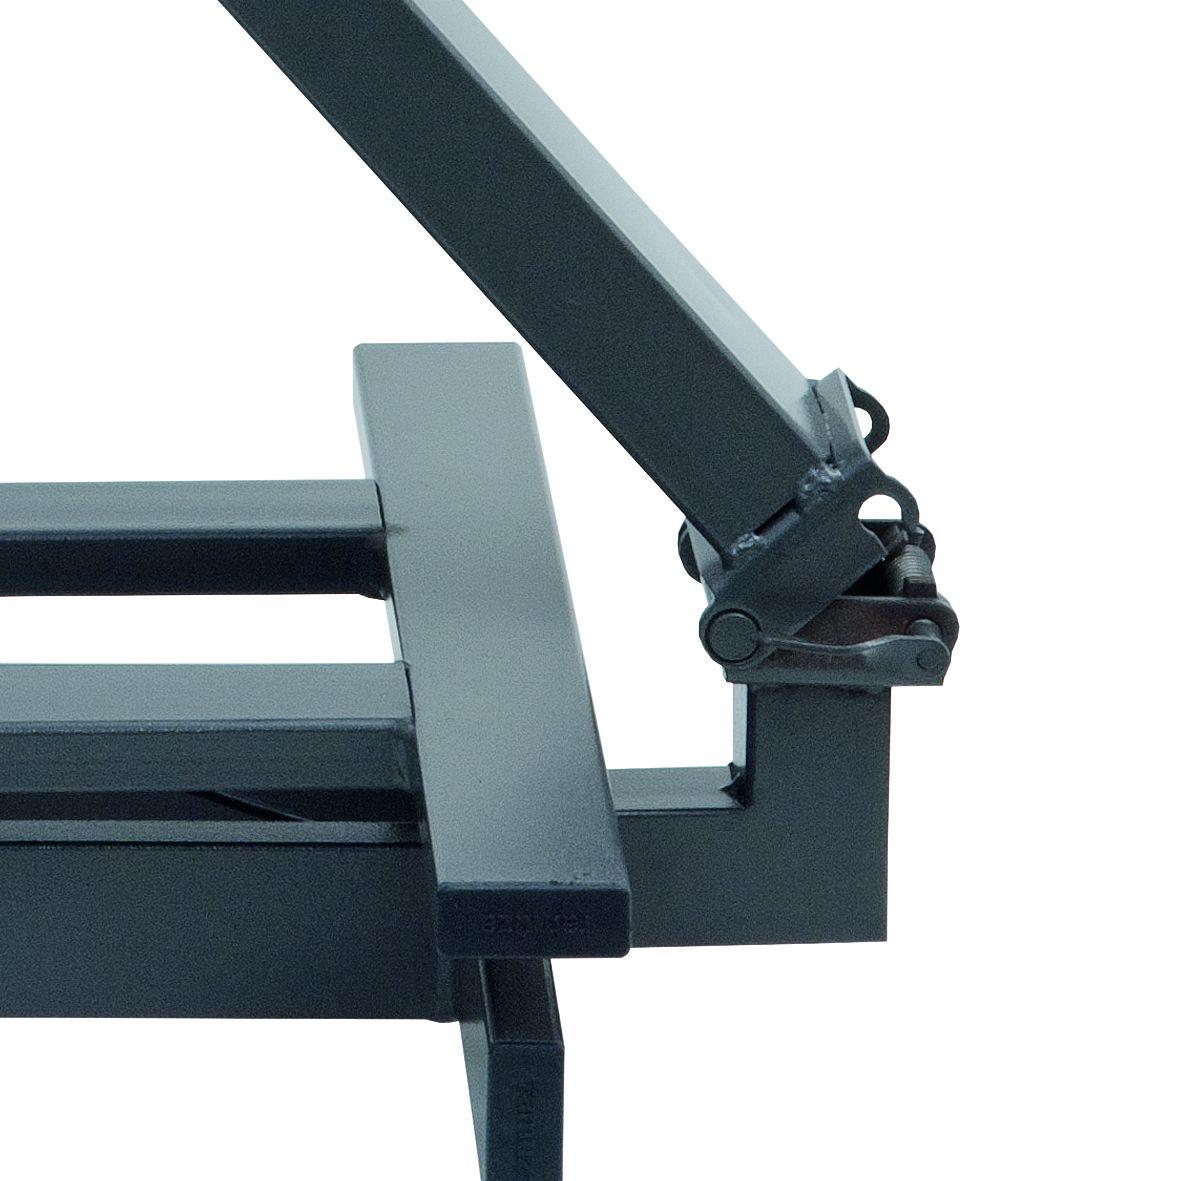 Balança Industrial Plataforma em Aço Carbono Ramuza DP - Capacidade: 150kg, Base: 40x50cm, IDR de ABS com bateria